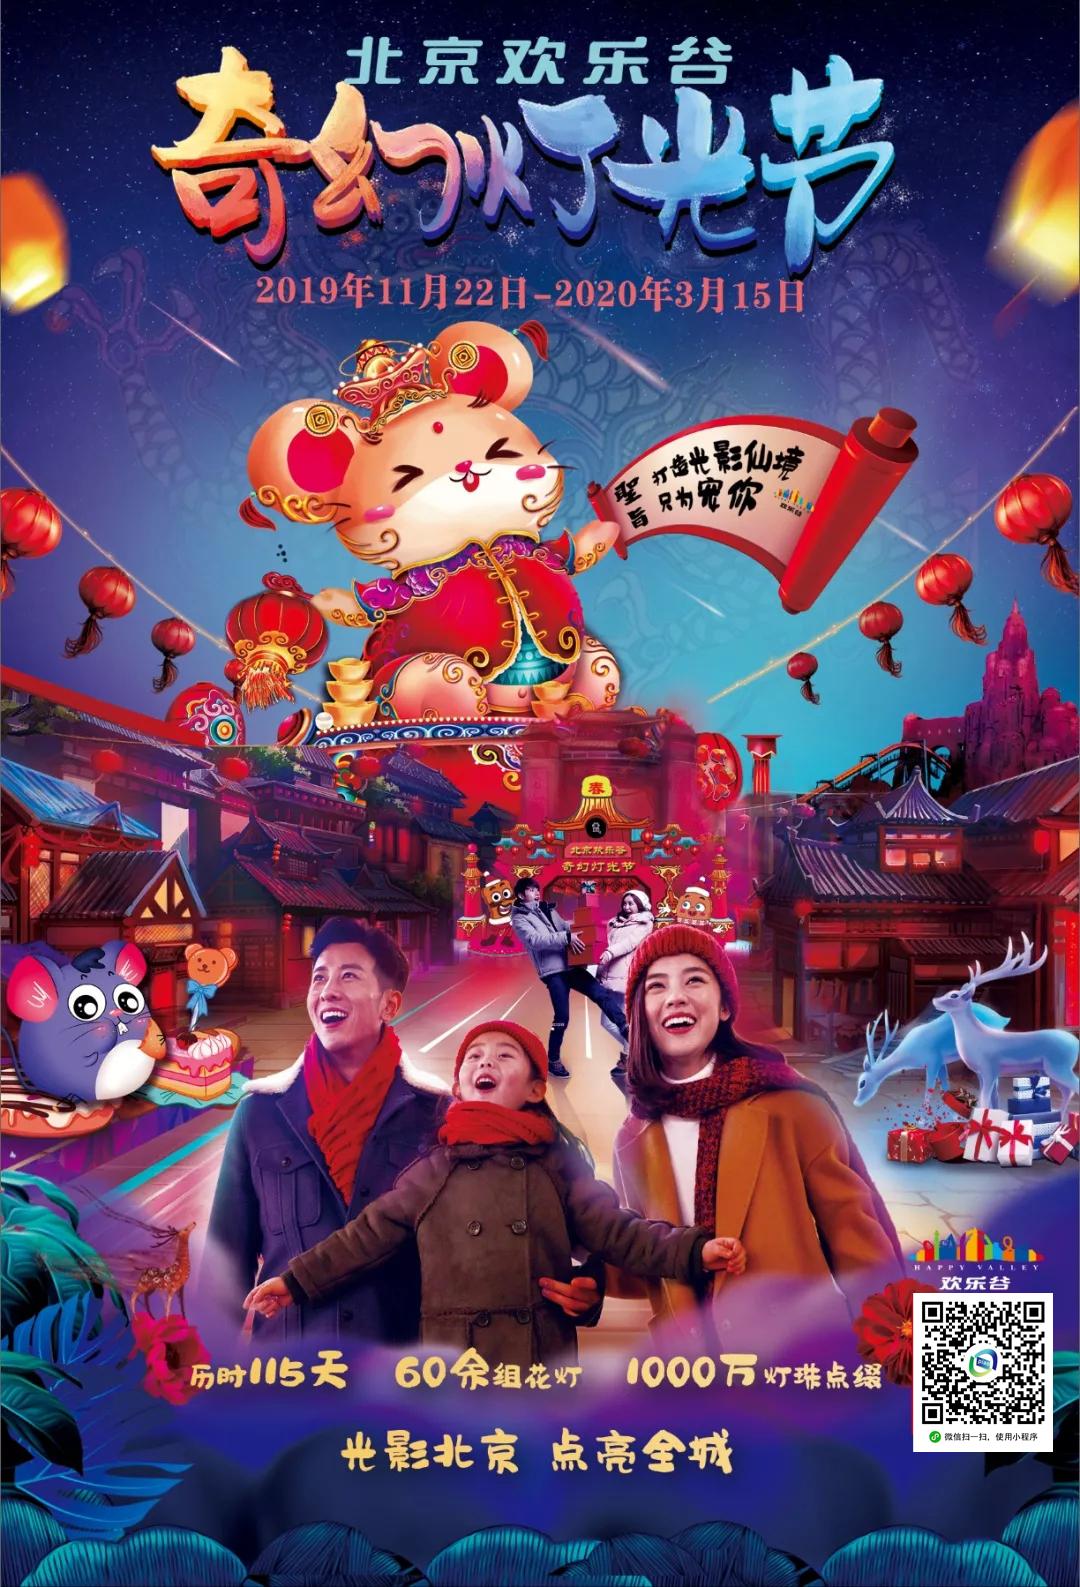 2019北京欢乐谷奇幻灯光节活动详情(门票+活动时间+攻略)一览